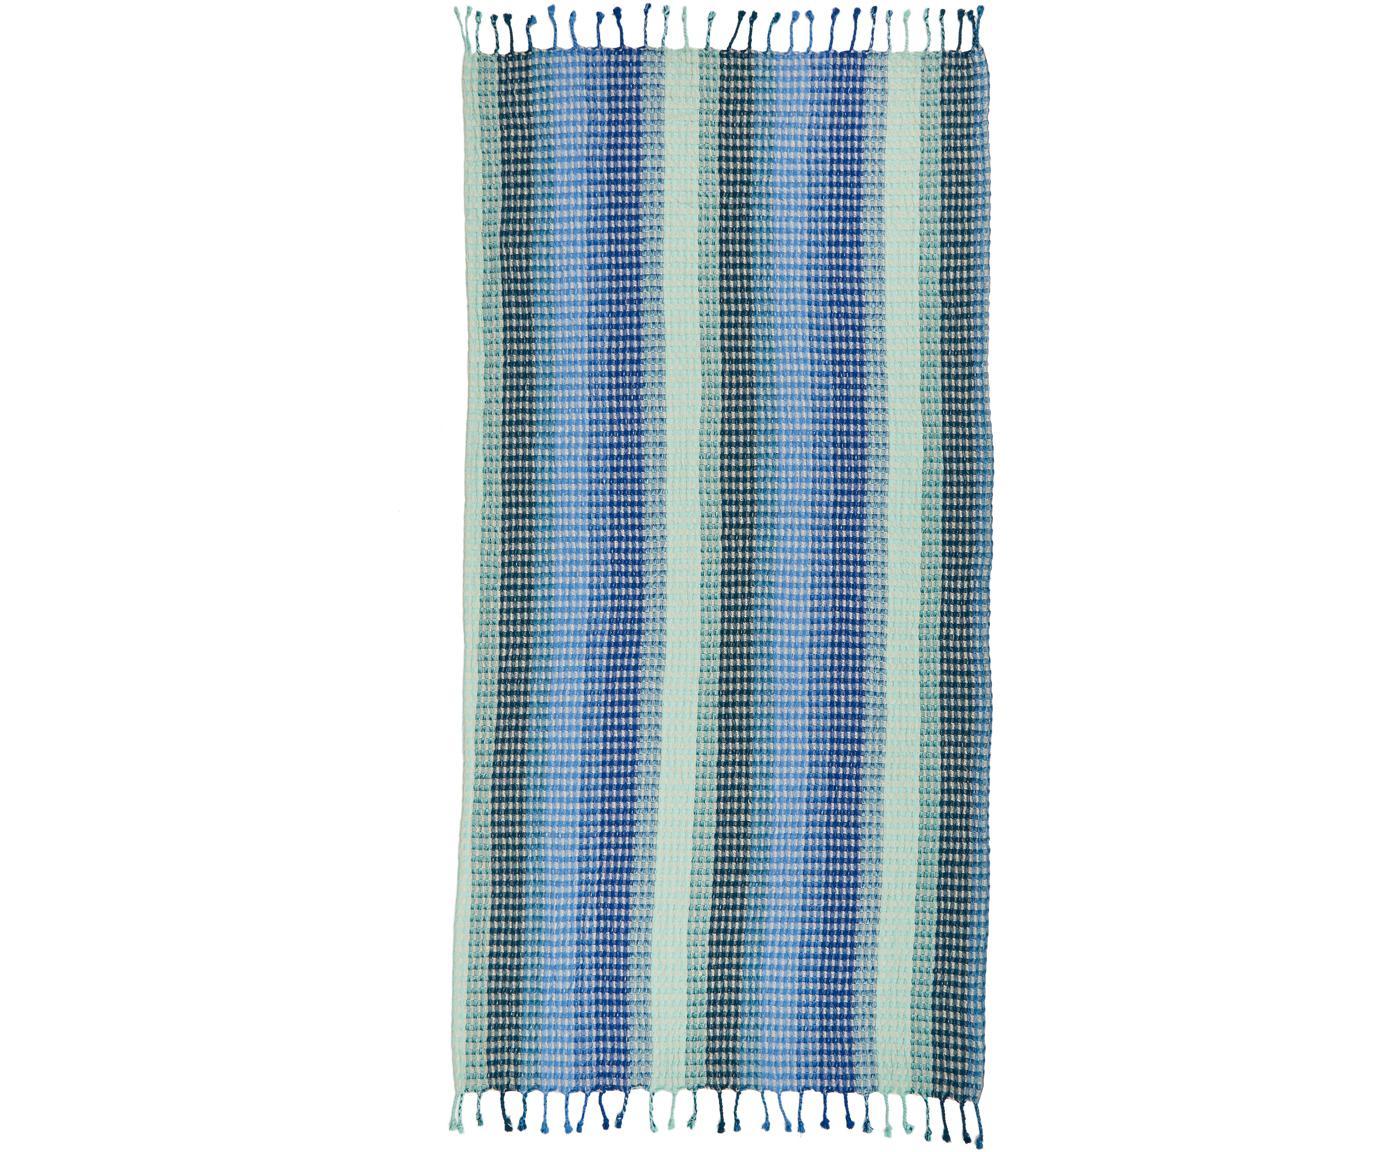 Strandtuch Manacor, 100% Baumwolle, leichte Qualität 380g/m², Blautöne, Türkistöne, Hellbeige, 100 x 180 cm